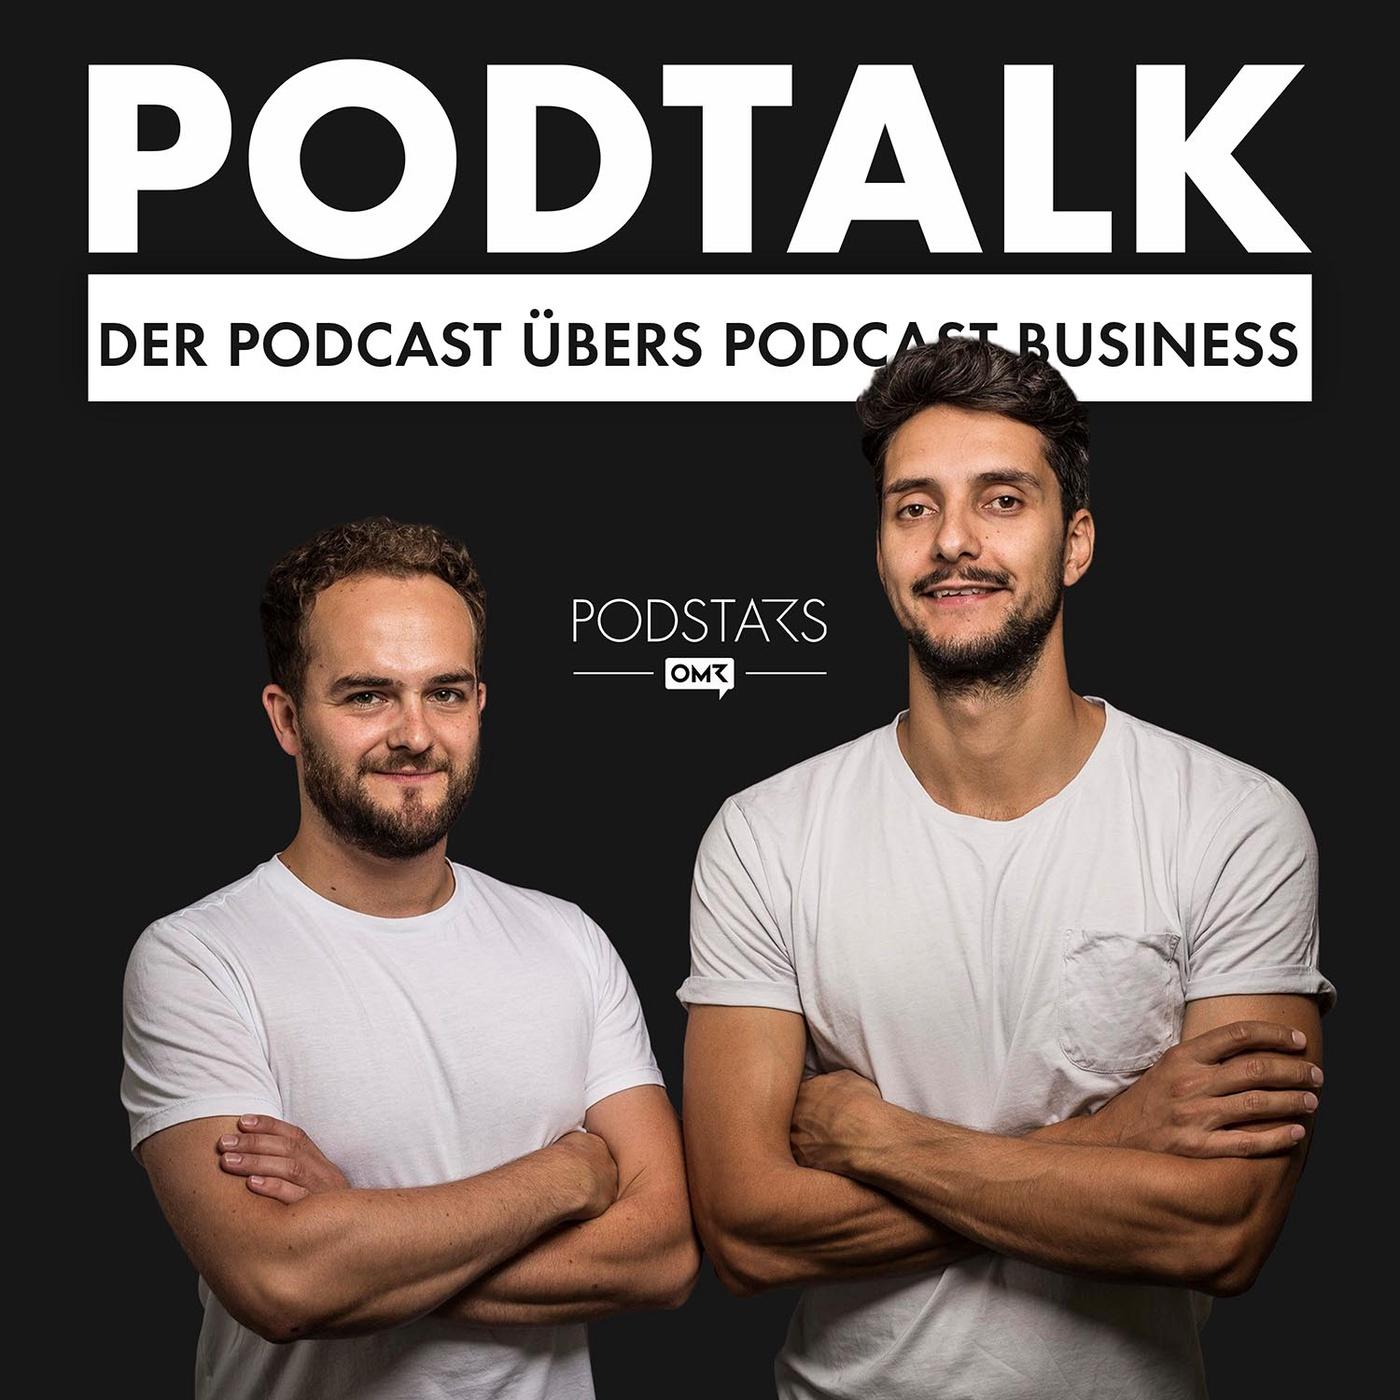 Podtalk #25 Große Pläne mit Paid Podcasts – und der Trend zur Podcast-Verfilmung